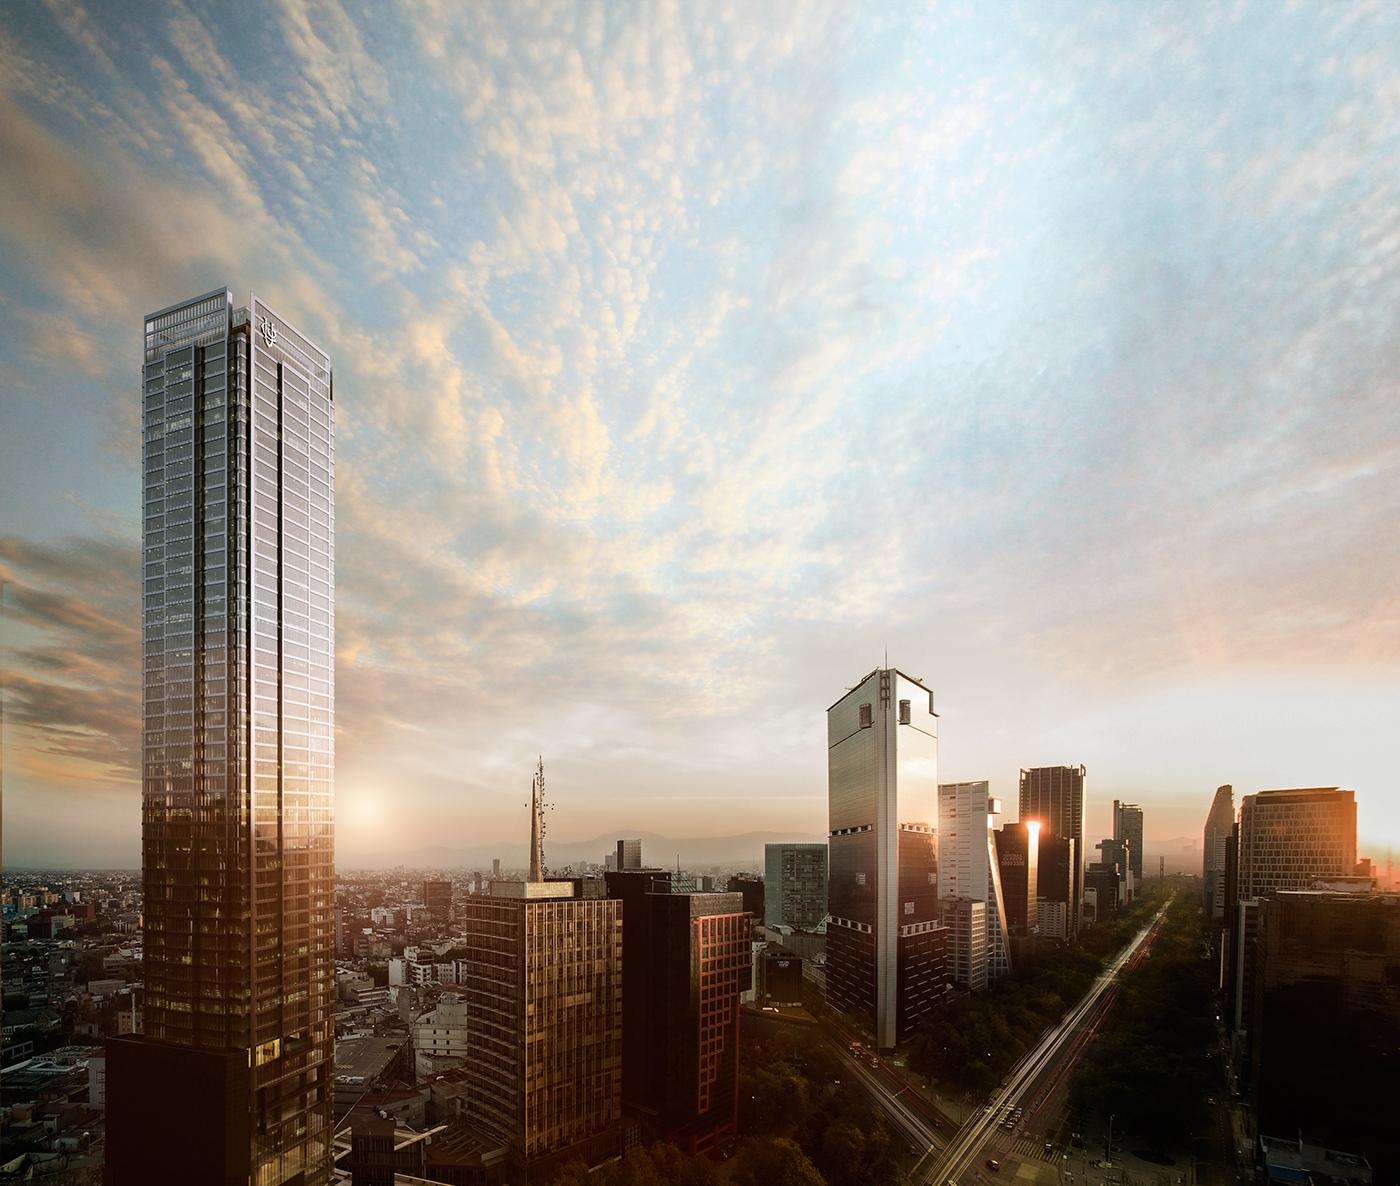 University Tower CDMX by Del Parque on Behance 92970377918e1